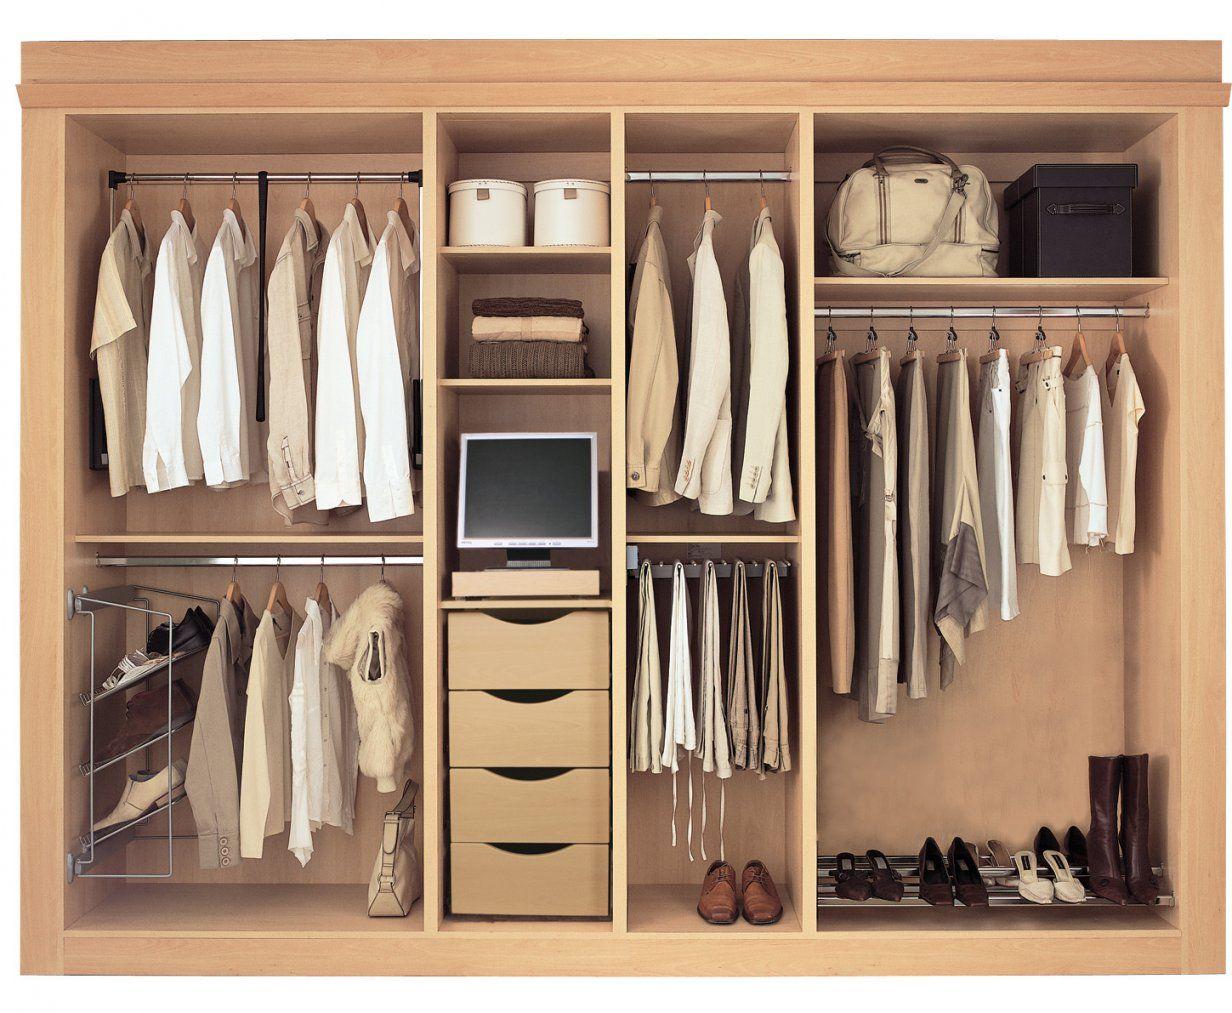 Begehbarer Kleiderschrankt Wohndesign Kleiderschrank Selber Machen von Kleiderschrank Selber Machen Ideen Photo